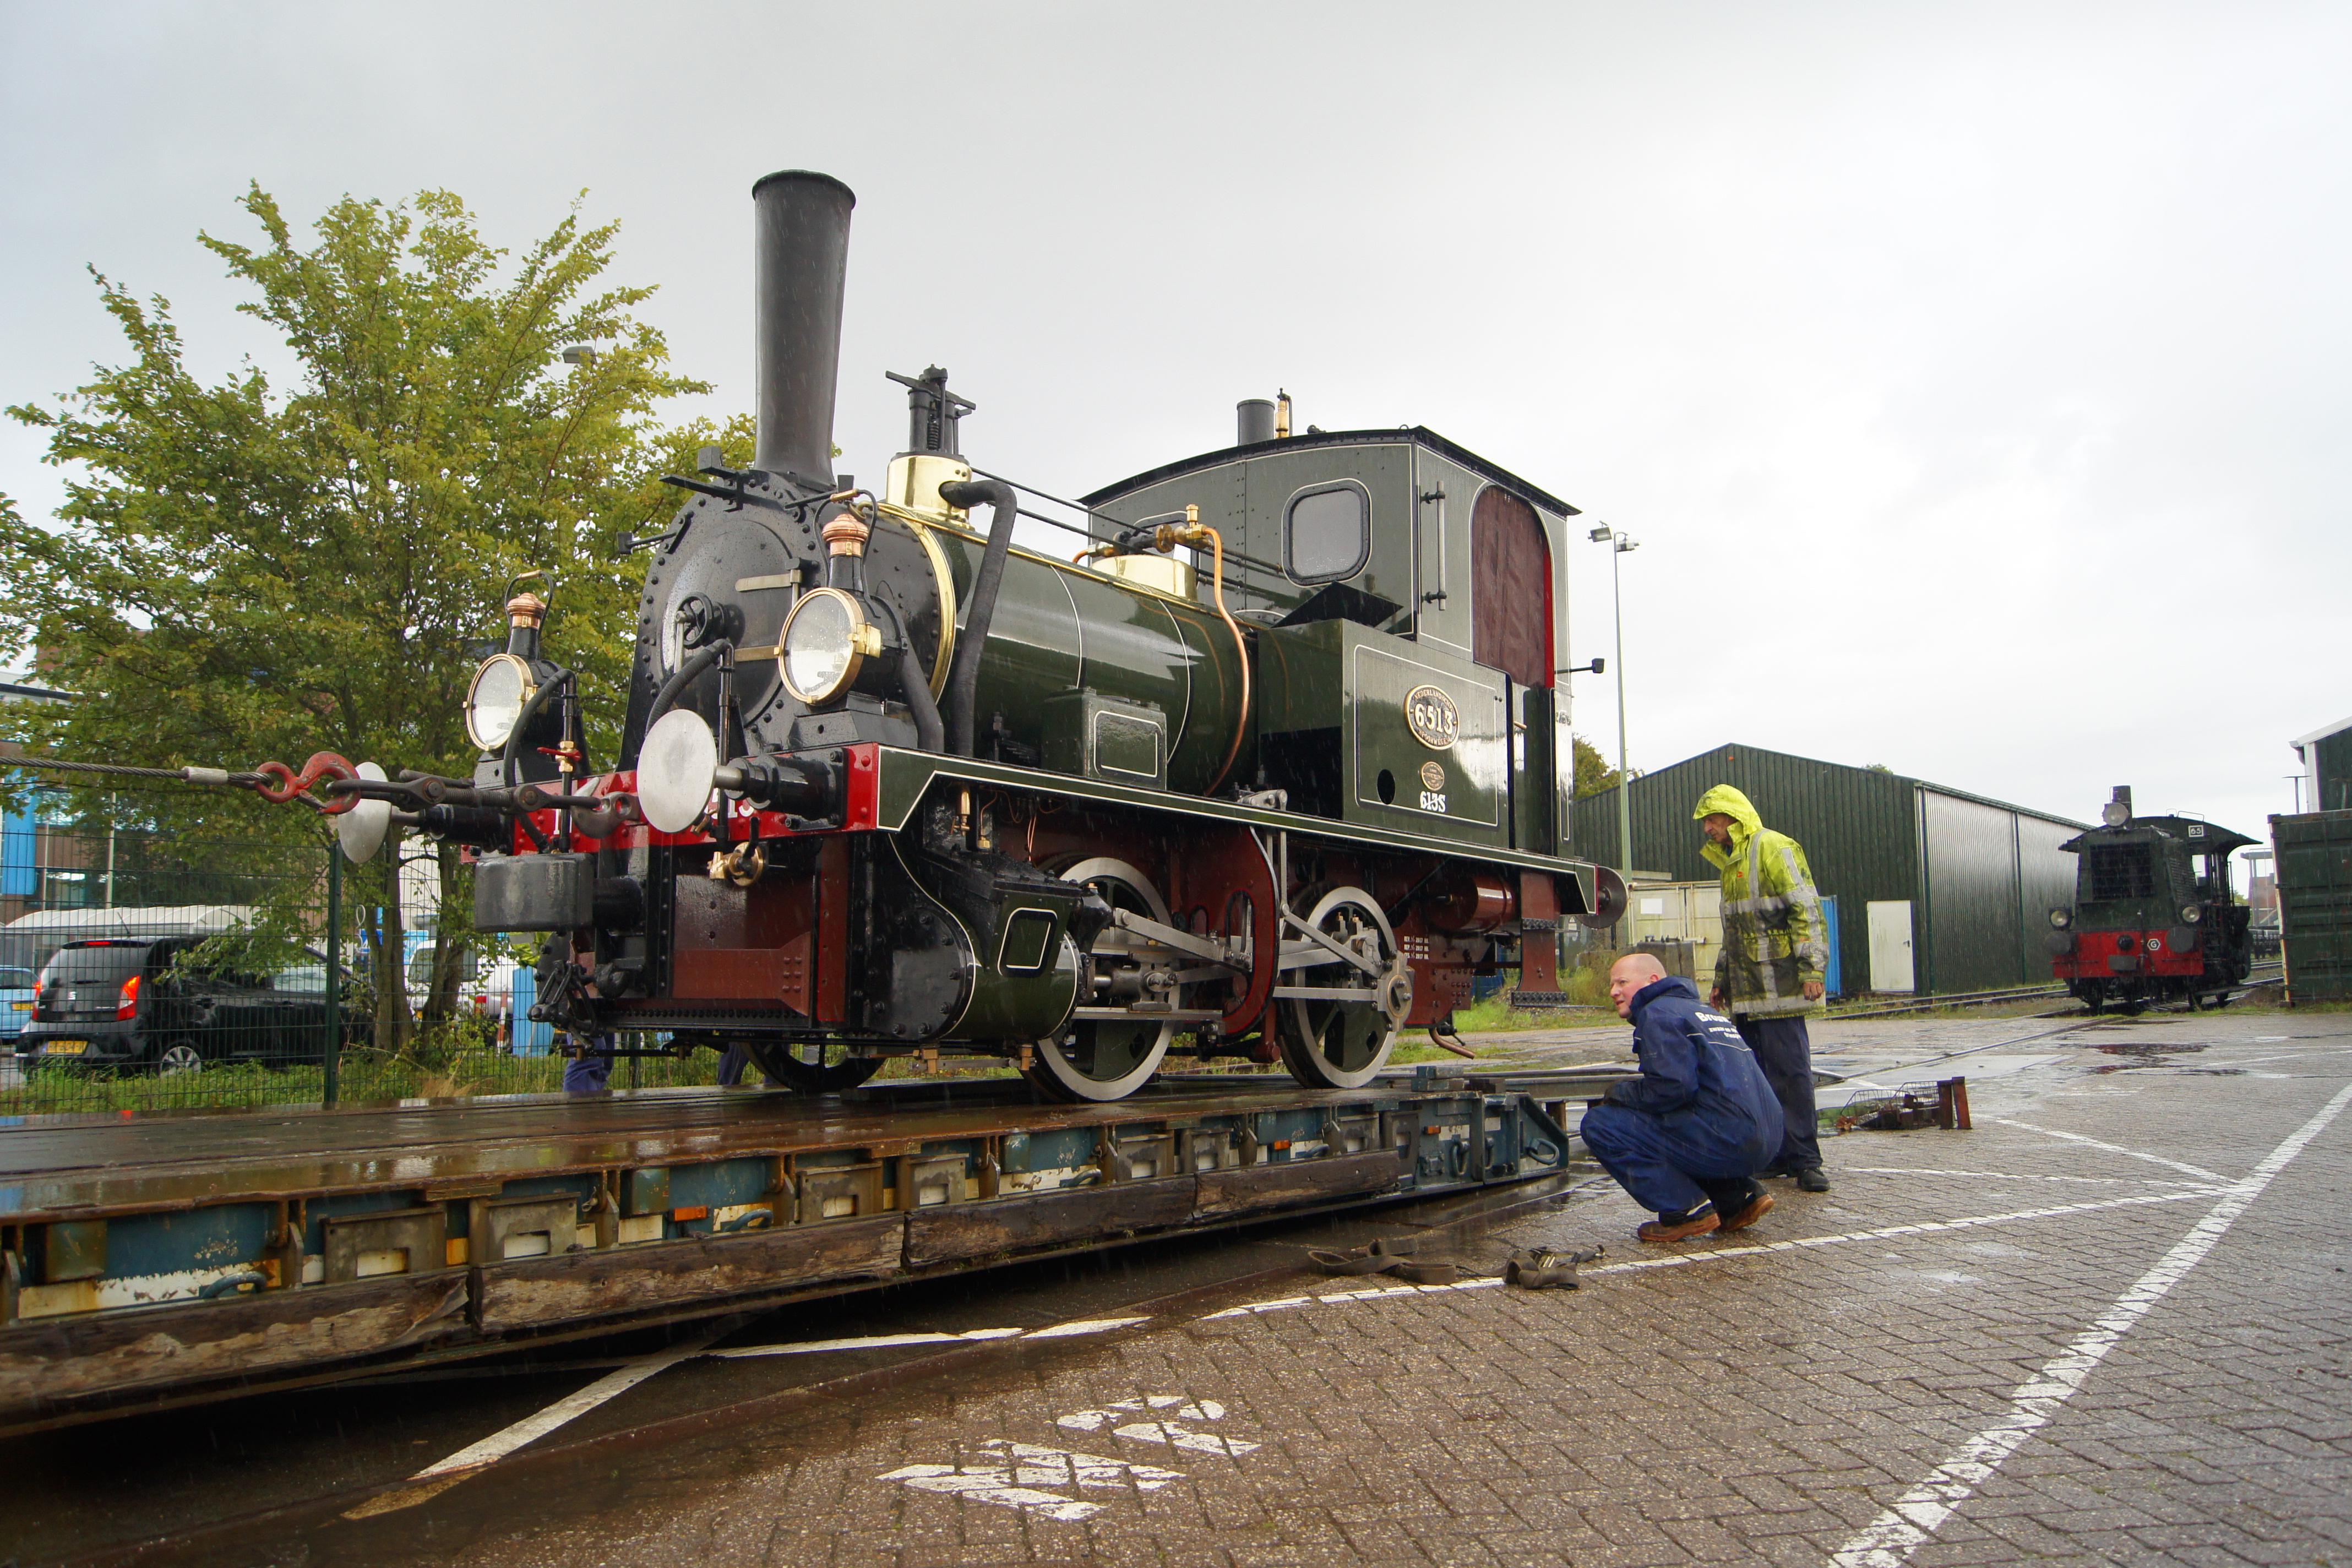 Twee locs van Museumstoomtram Hoorn-Medemblik op transport